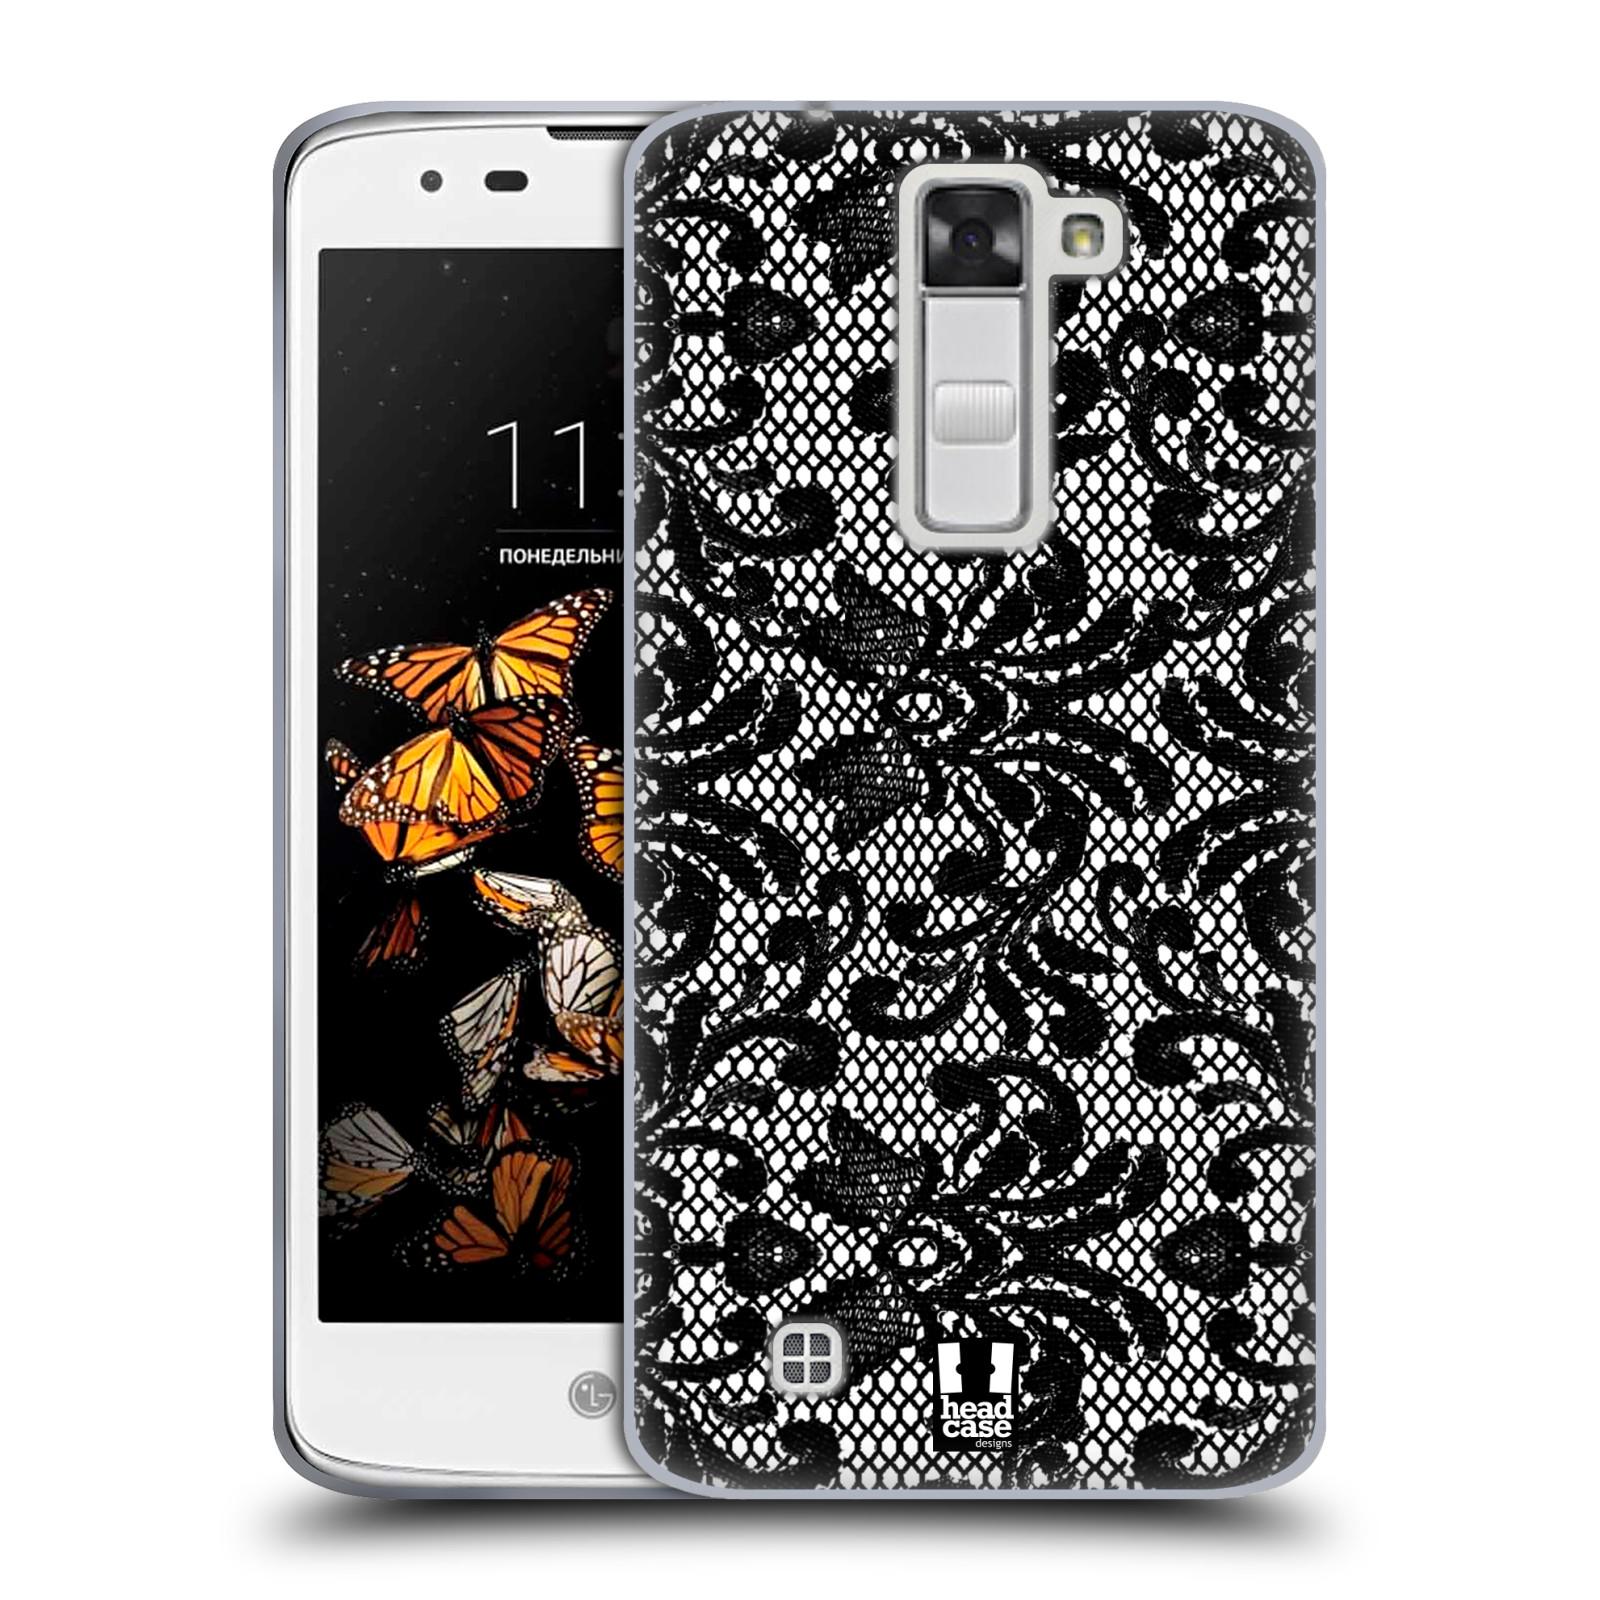 Silikonové pouzdro na mobil LG K8 HEAD CASE KRAJKA (Silikonový kryt či obal na mobilní telefon LG K8 K350)